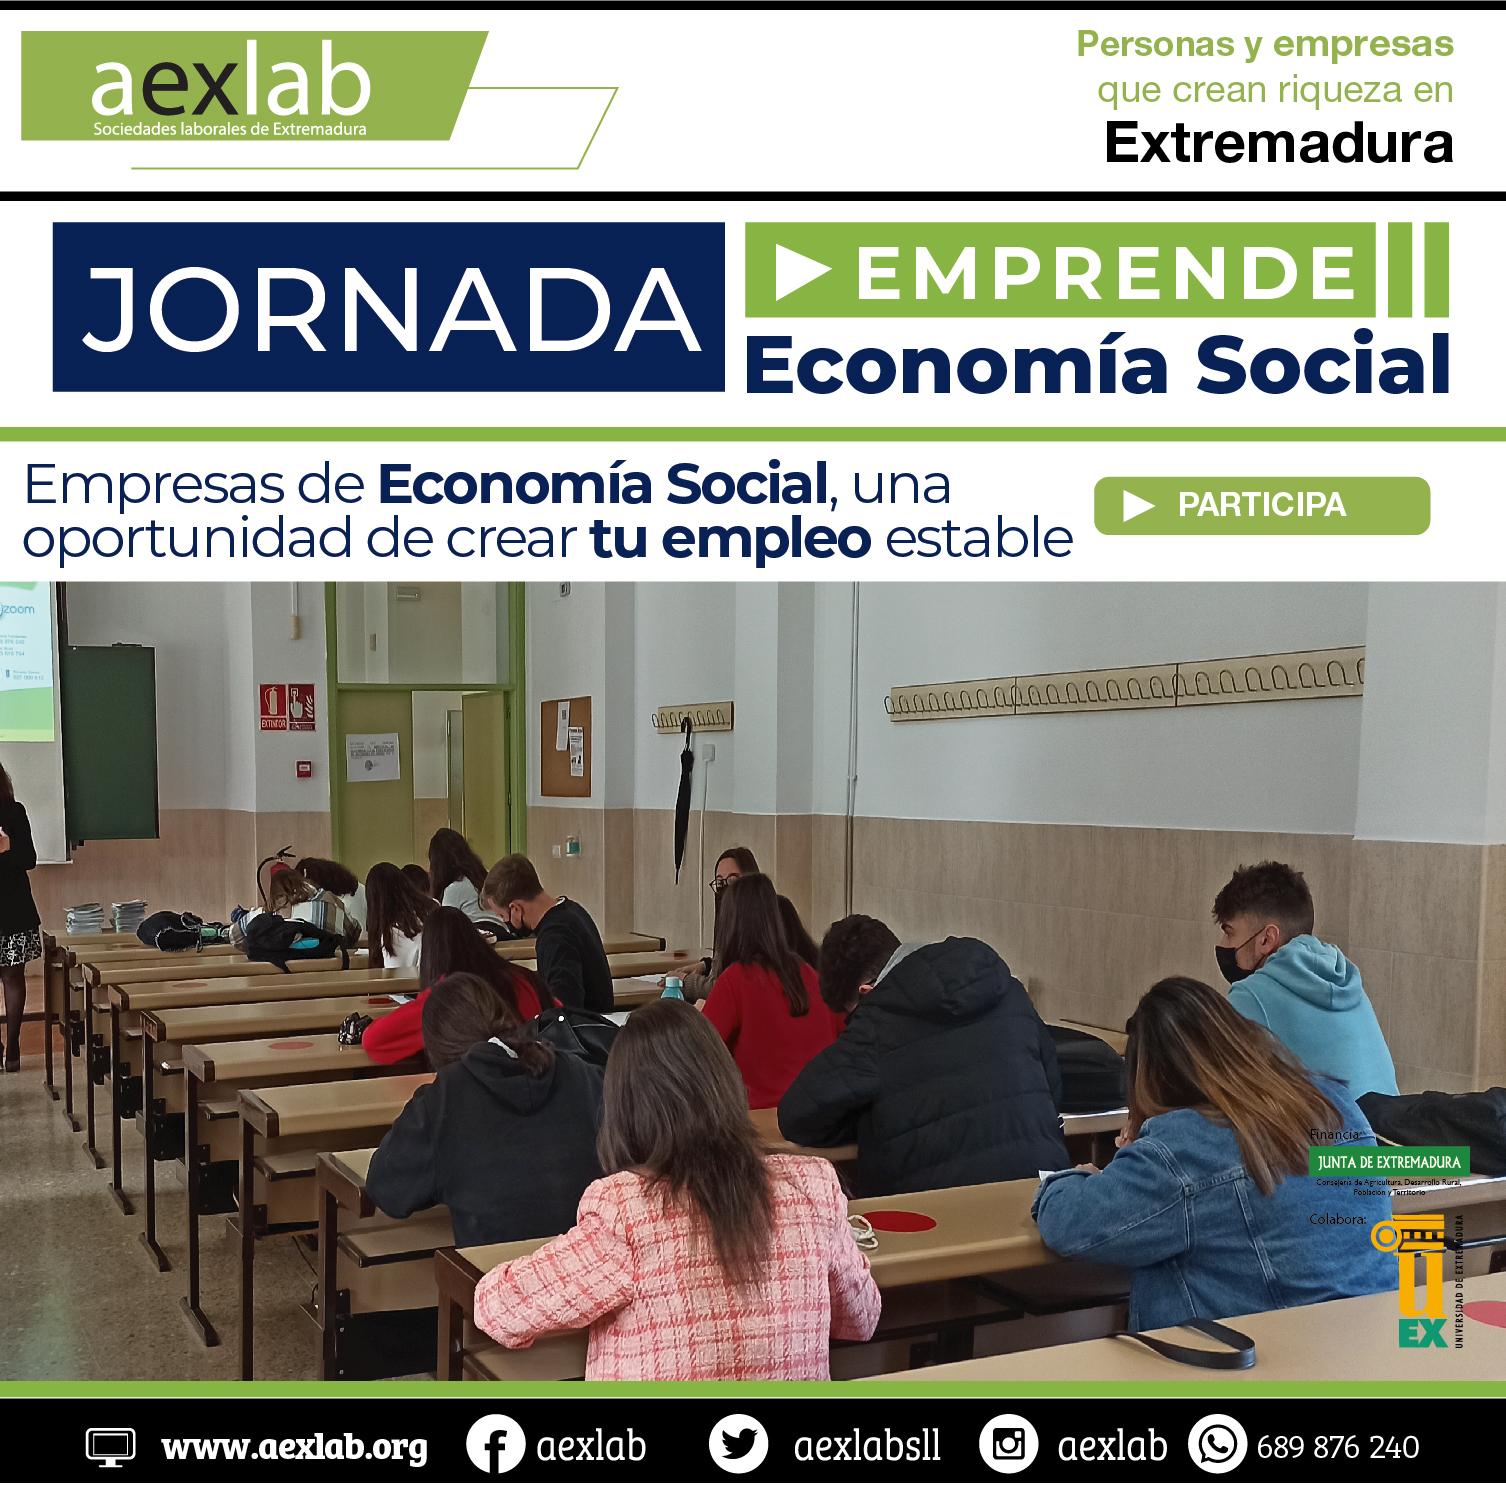 Asistentes jornada universidad extremadura aexlab economia social-05